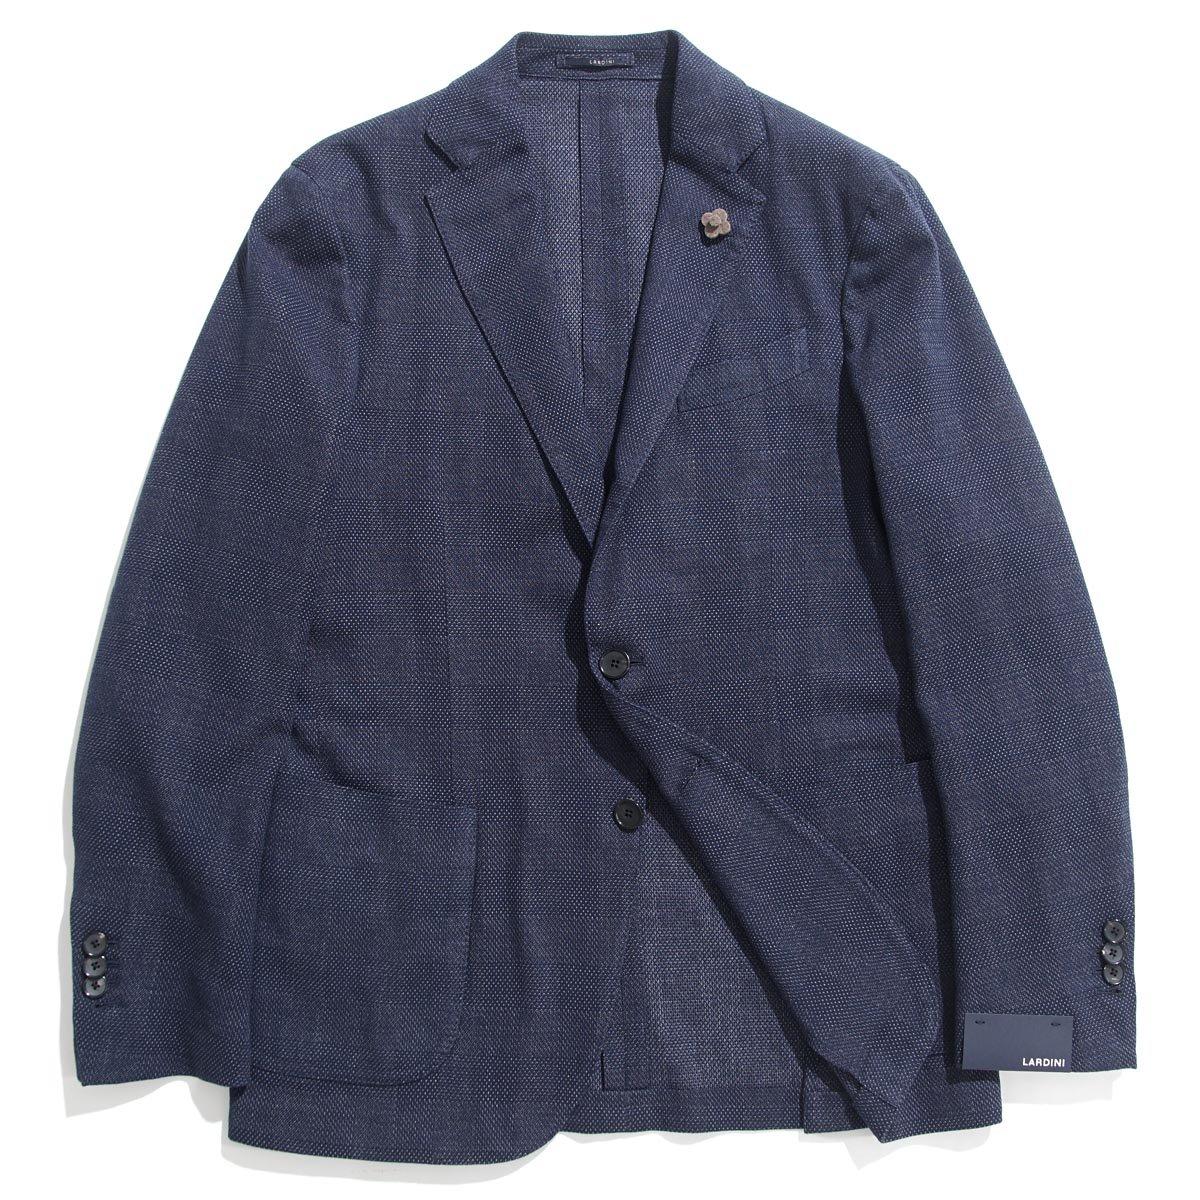 (ラルディーニ) LARDINI 3つボタン ジャケット [並行輸入品] B07DG6GQ9P 50|インディゴ インディゴ 50